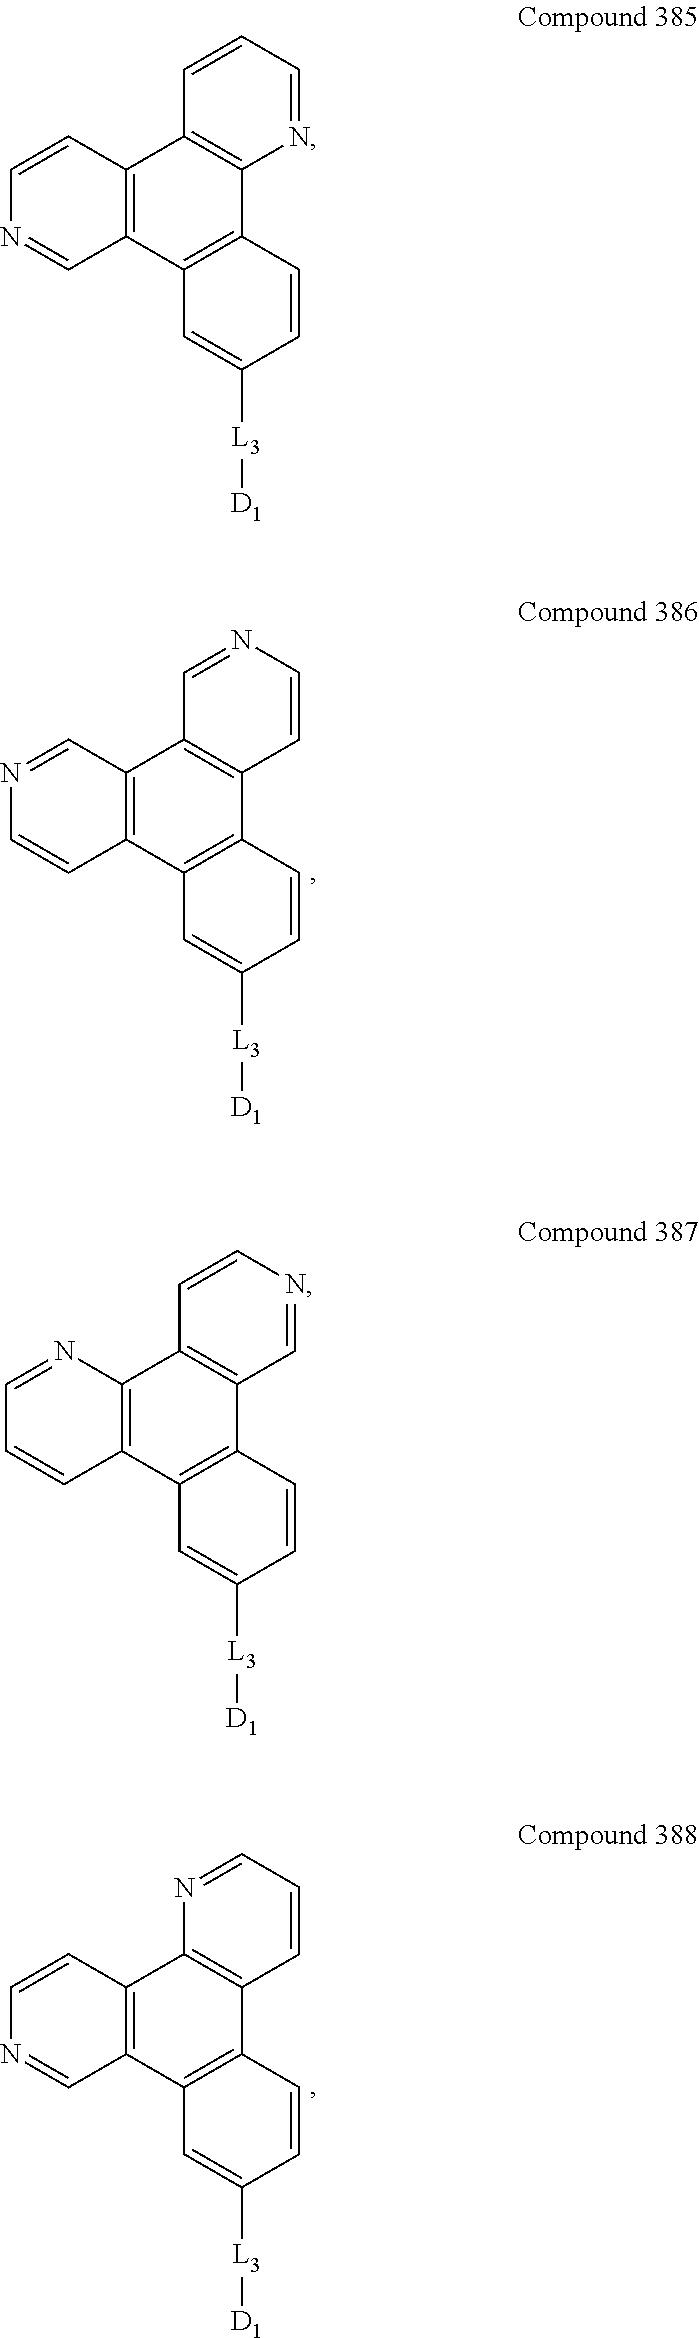 Figure US09537106-20170103-C00105